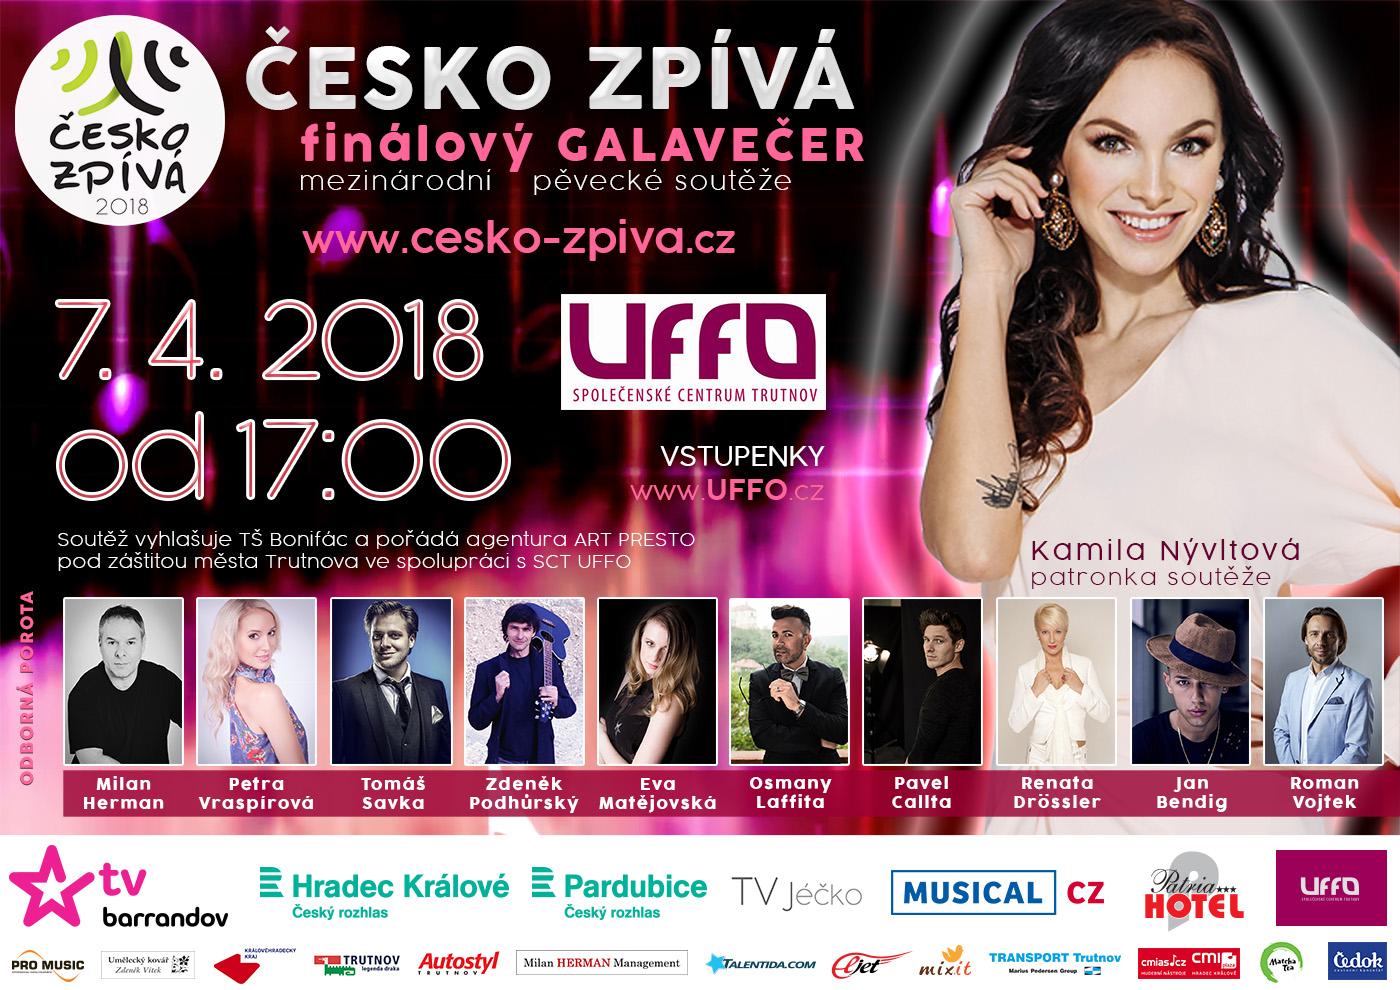 Plakát finálového galavečera ČESKO ZPÍVÁ 2018